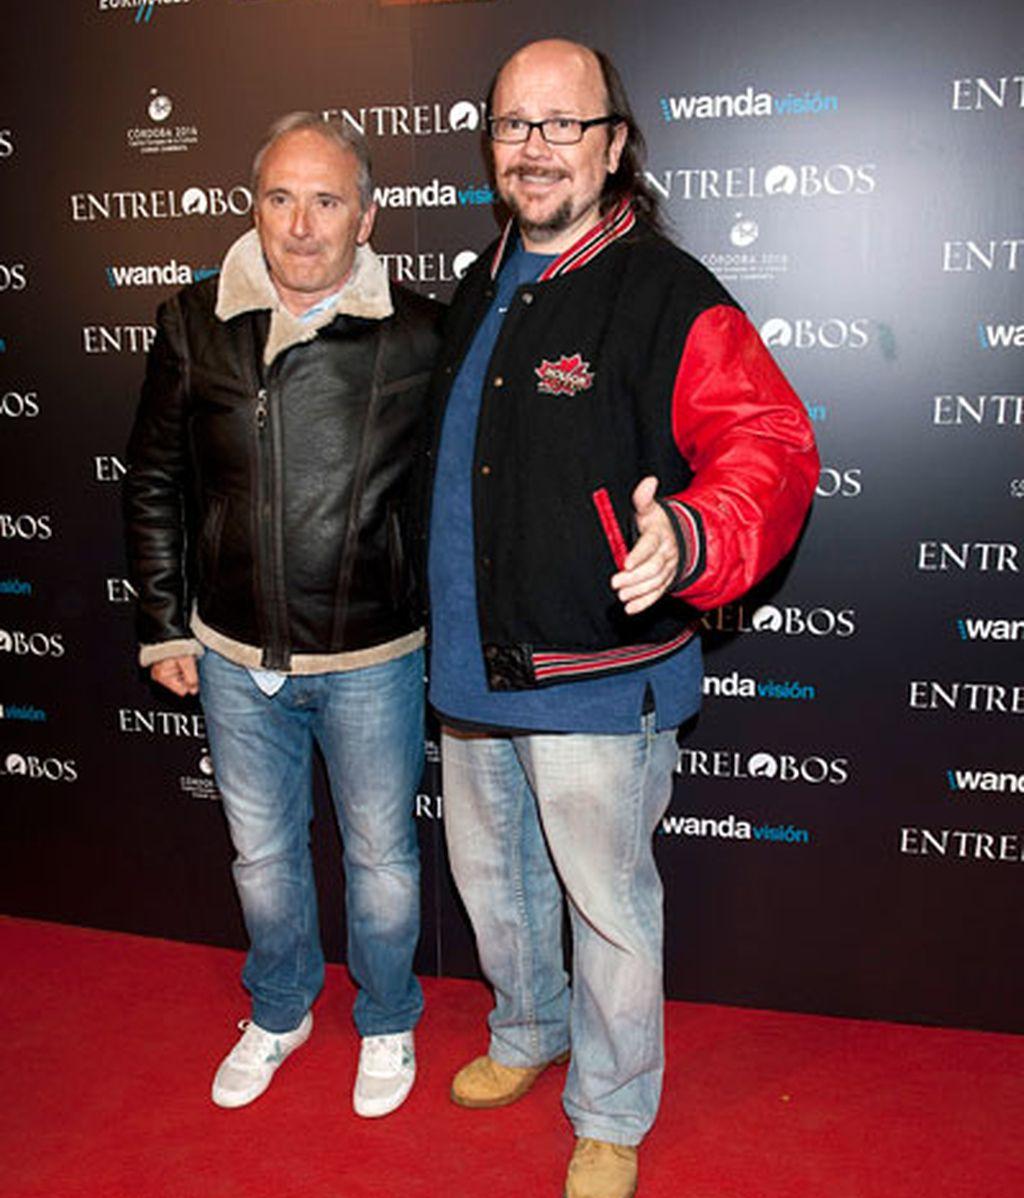 Carlos Bardem y Dafne Fernández, juntos en el preestreno de 'Entre Lobos'